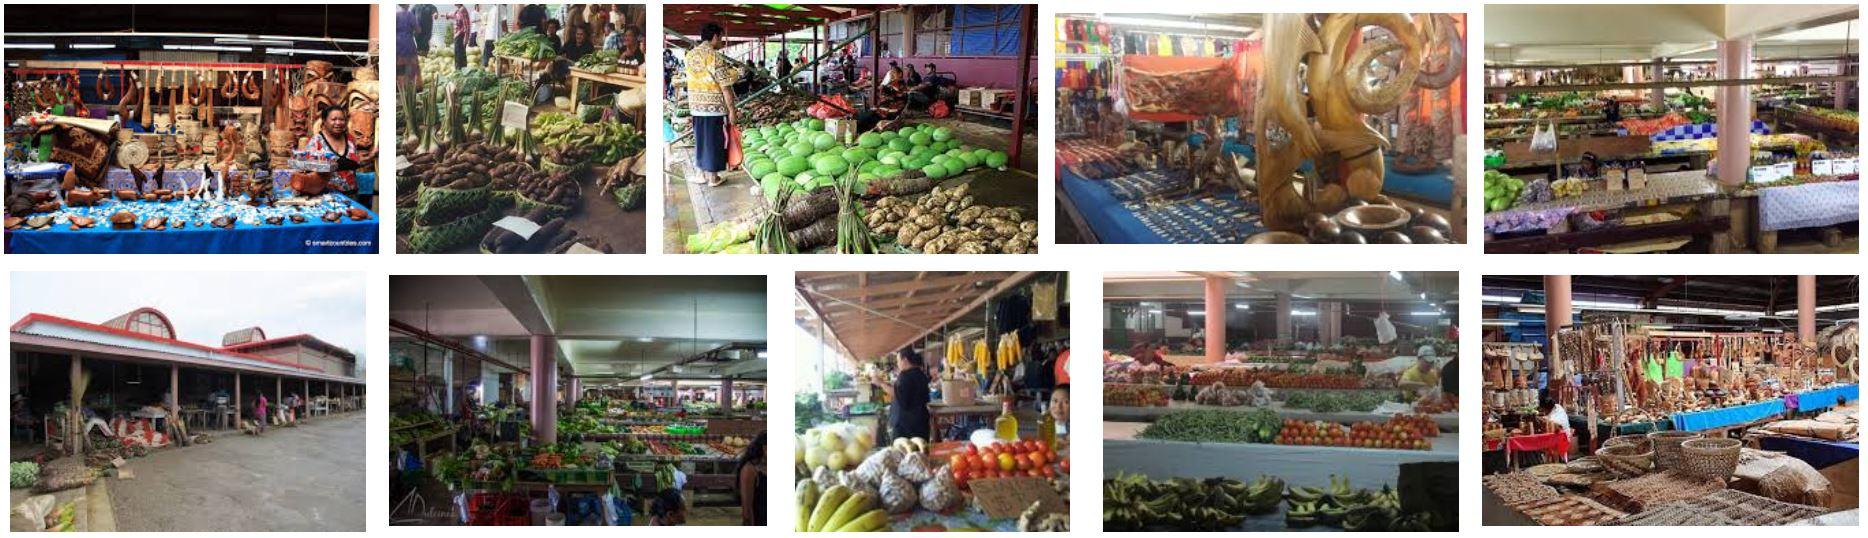 The Talamahu Markets in Nuku'alofa.